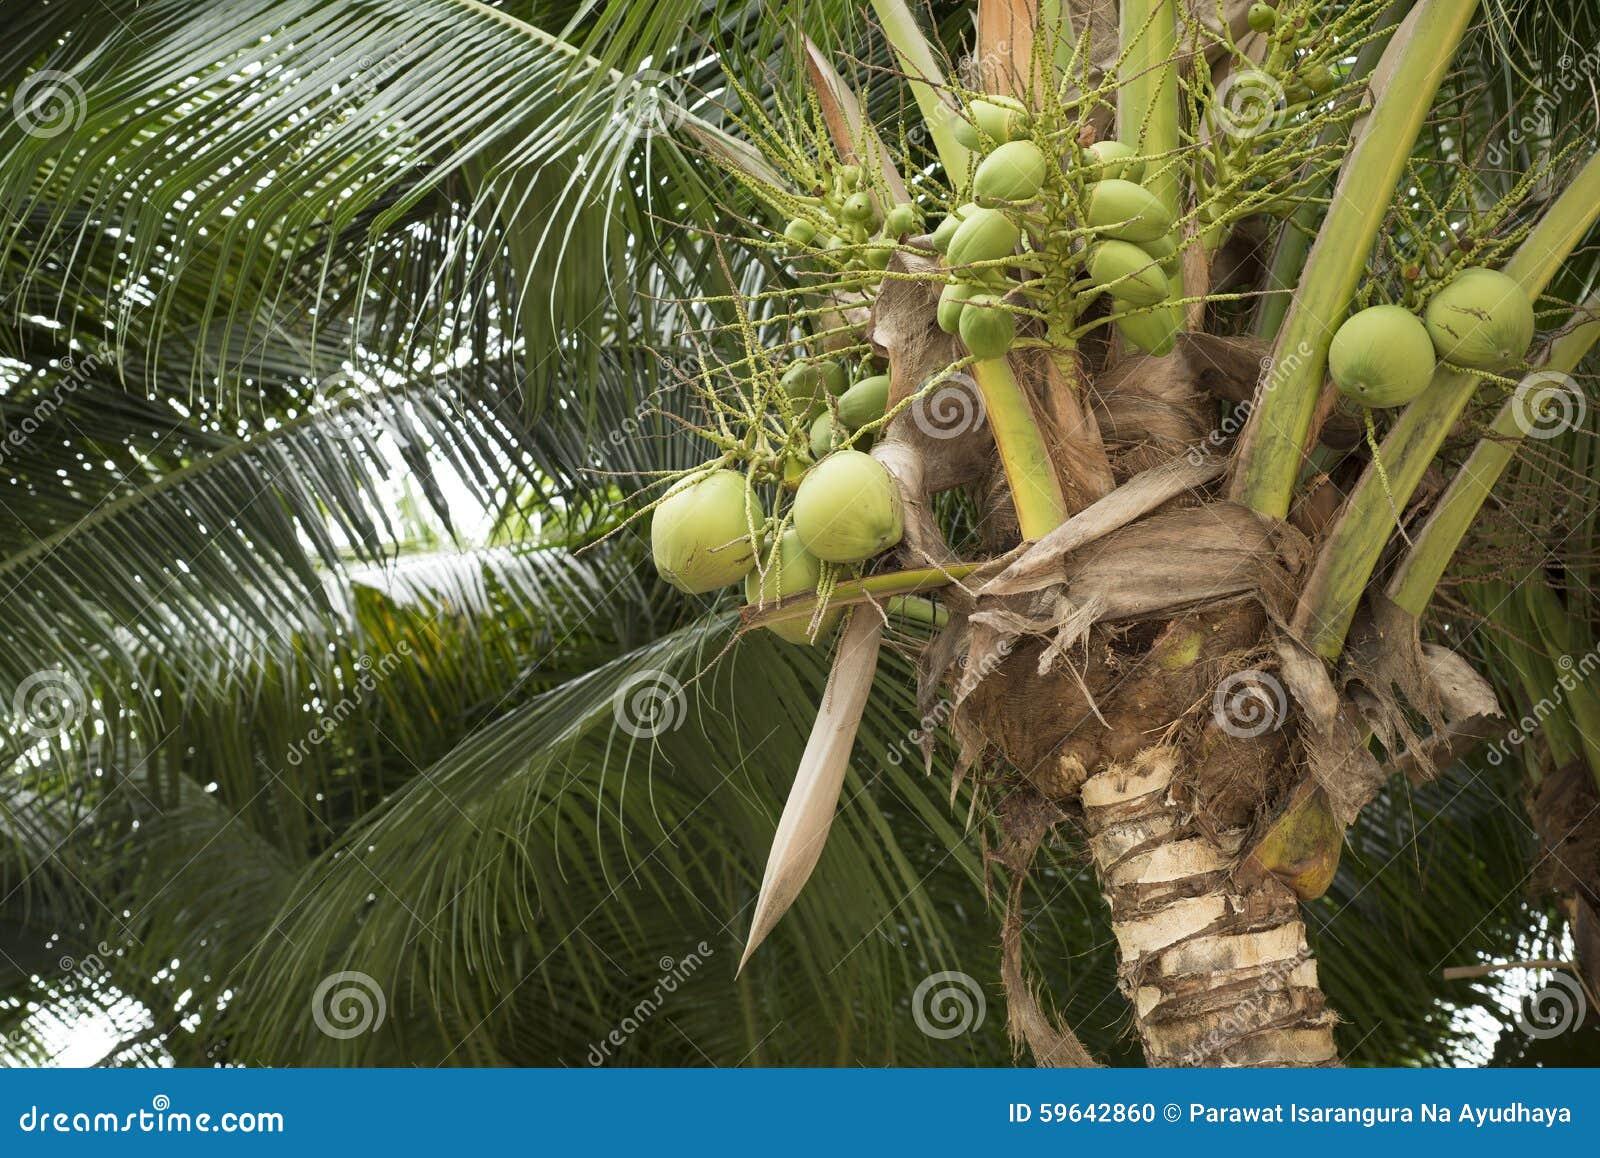 Jeune fruit vert de noix de coco sur l 39 arbre de noix de coco photo stock image 59642860 - Arbre noix de coco ...